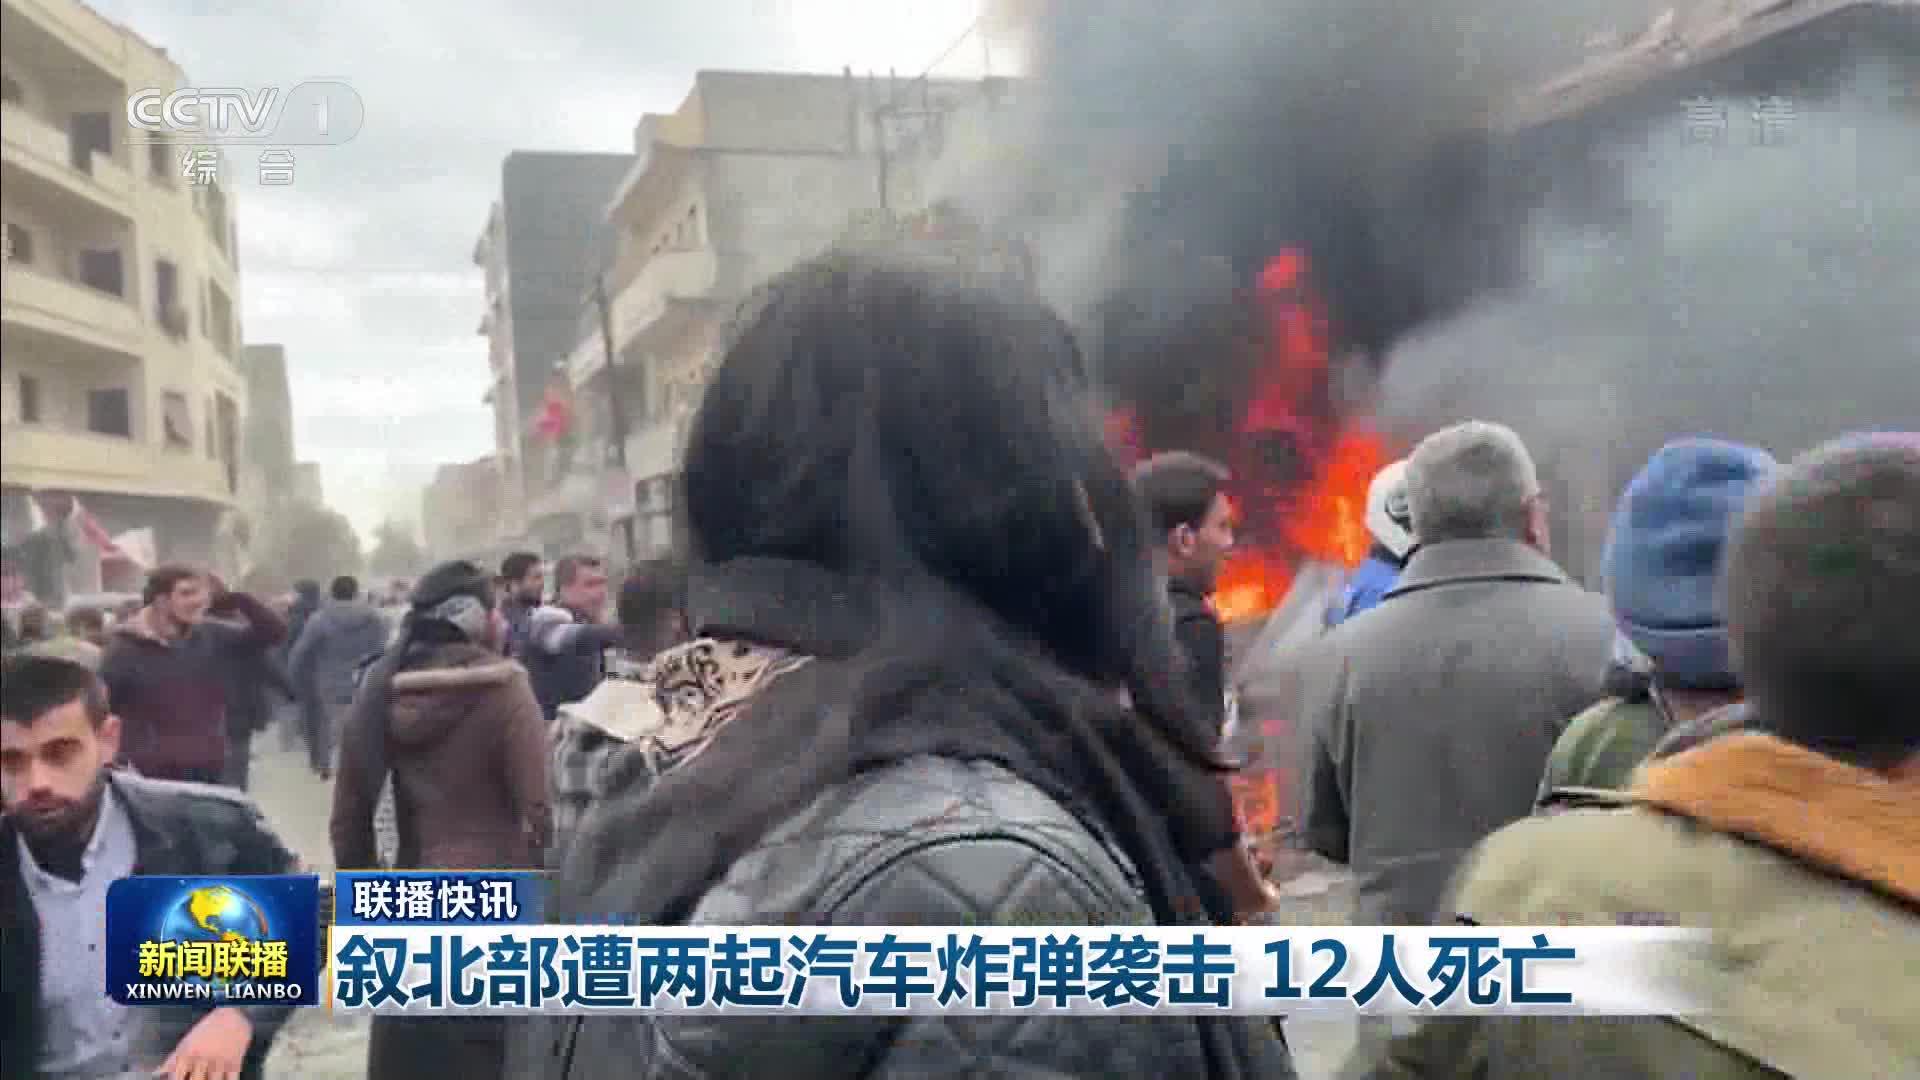 【联播快讯】叙北部遭两起汽车炸弹袭击 12人死亡